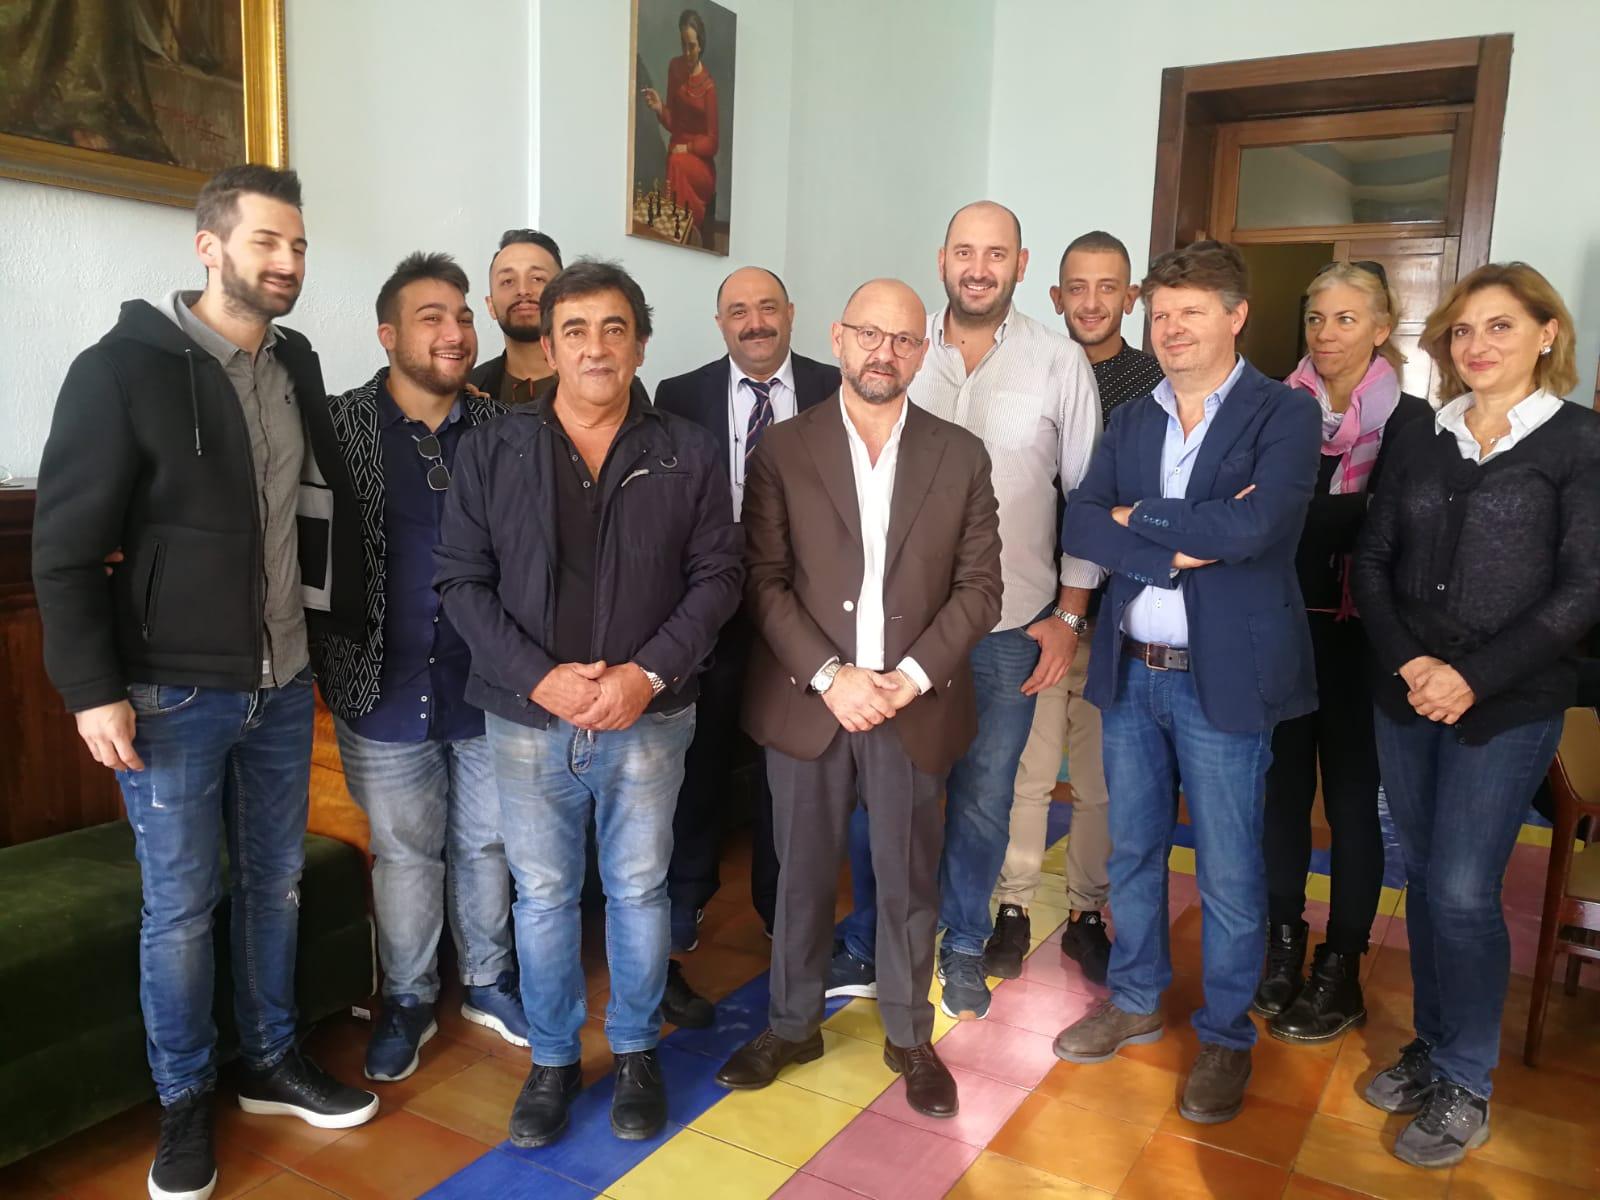 Cucina Della Mamma Nocera Inferiore solidarietà d'artista, a salerno arriva la cucina solidale